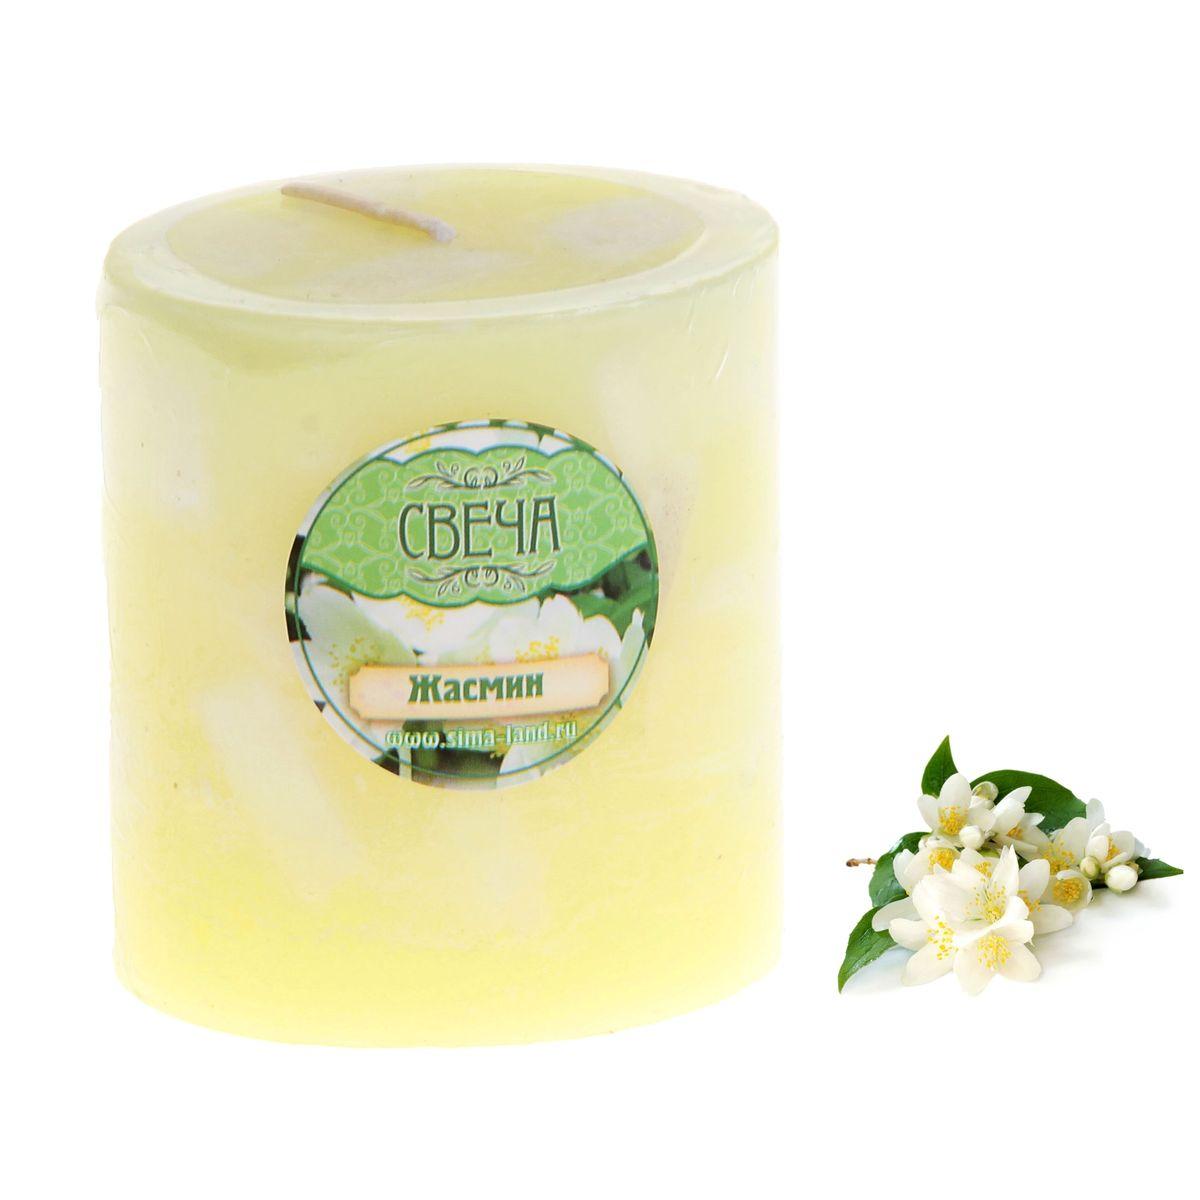 Свеча ароматизированная Sima-land Слияние. Жасмин, высота 7 см свеча ароматизированная sima land лимон на подставке высота 6 см